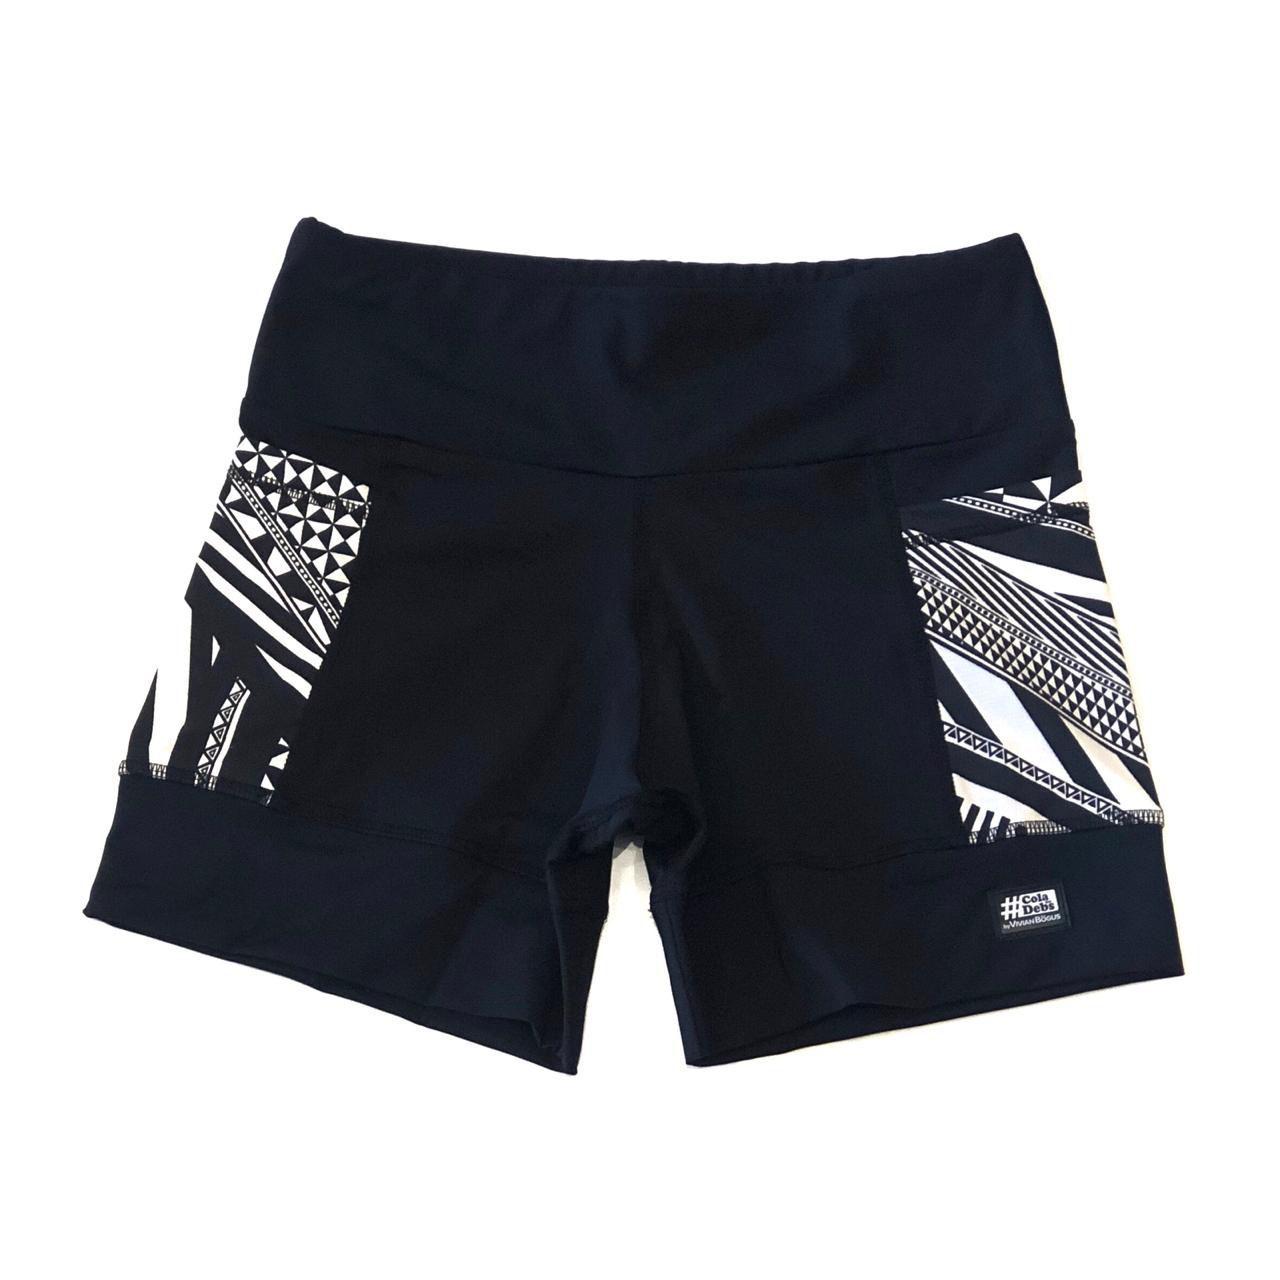 Shorts de compressão 2 bolsos Square em sportiva preto bolso estampado   - Vivian Bógus